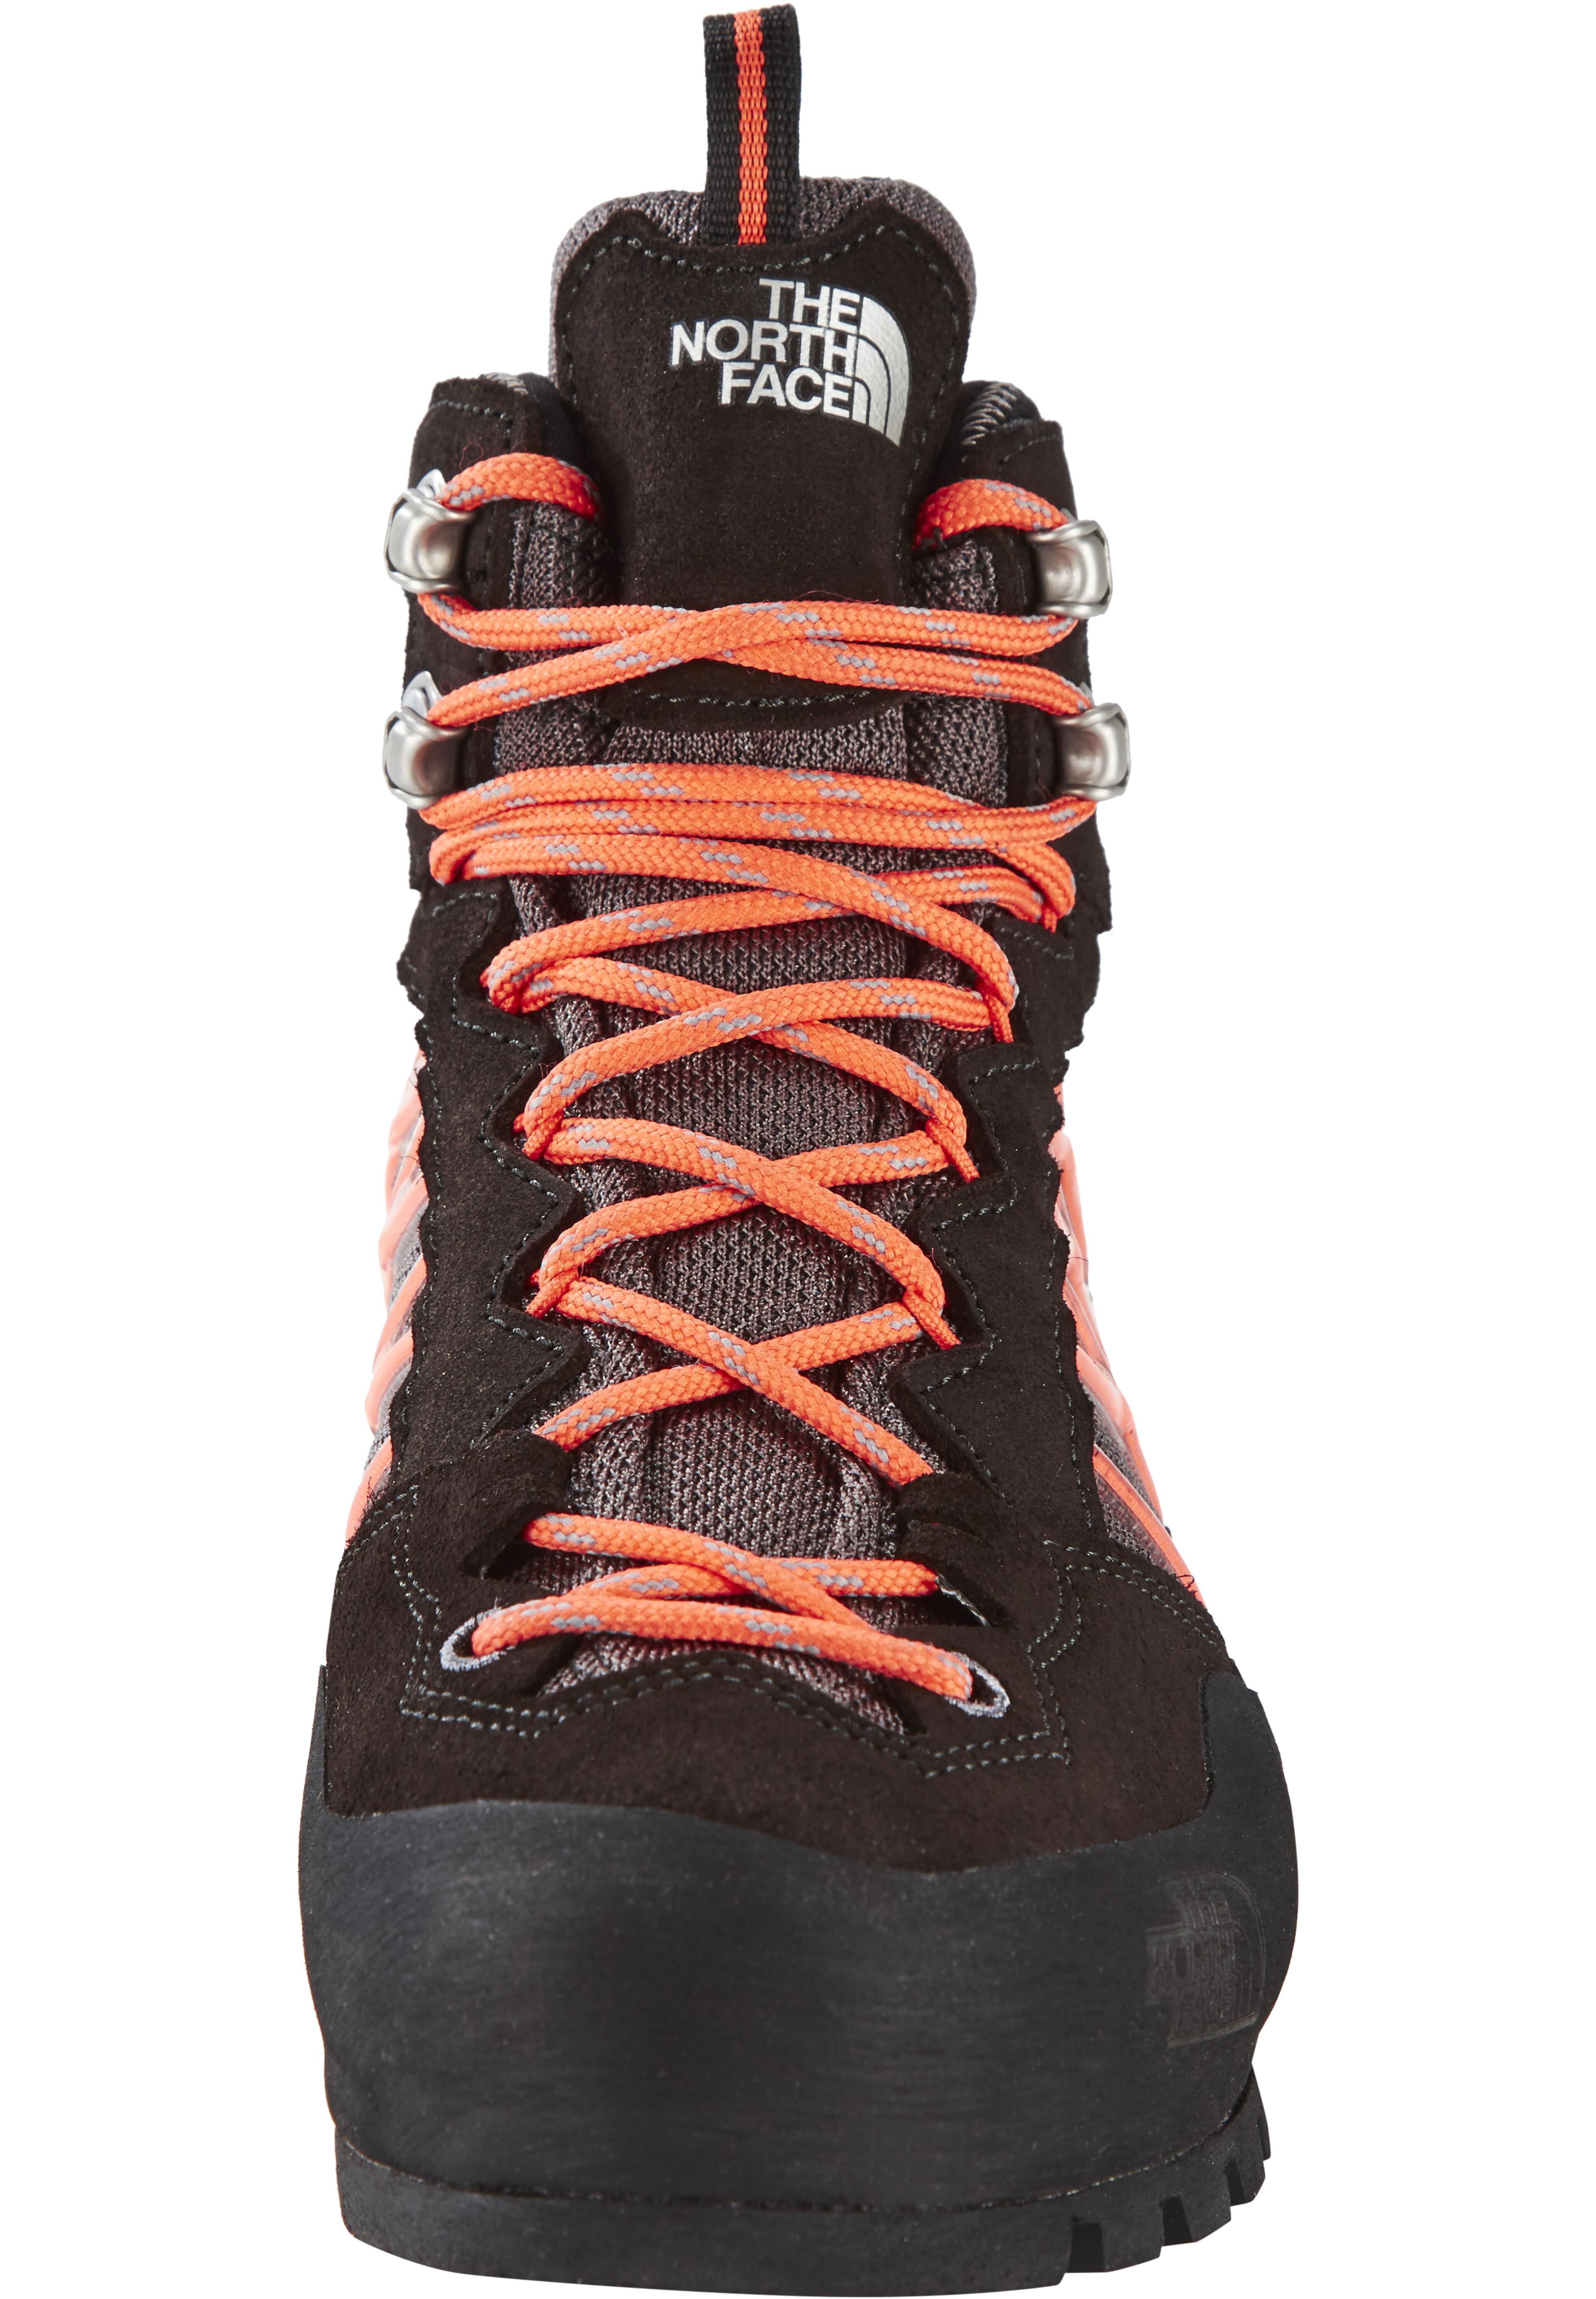 The North Face Verto S3K GTX Scarpe Donna grigio arancione su Addnature f20ffdcf6bee